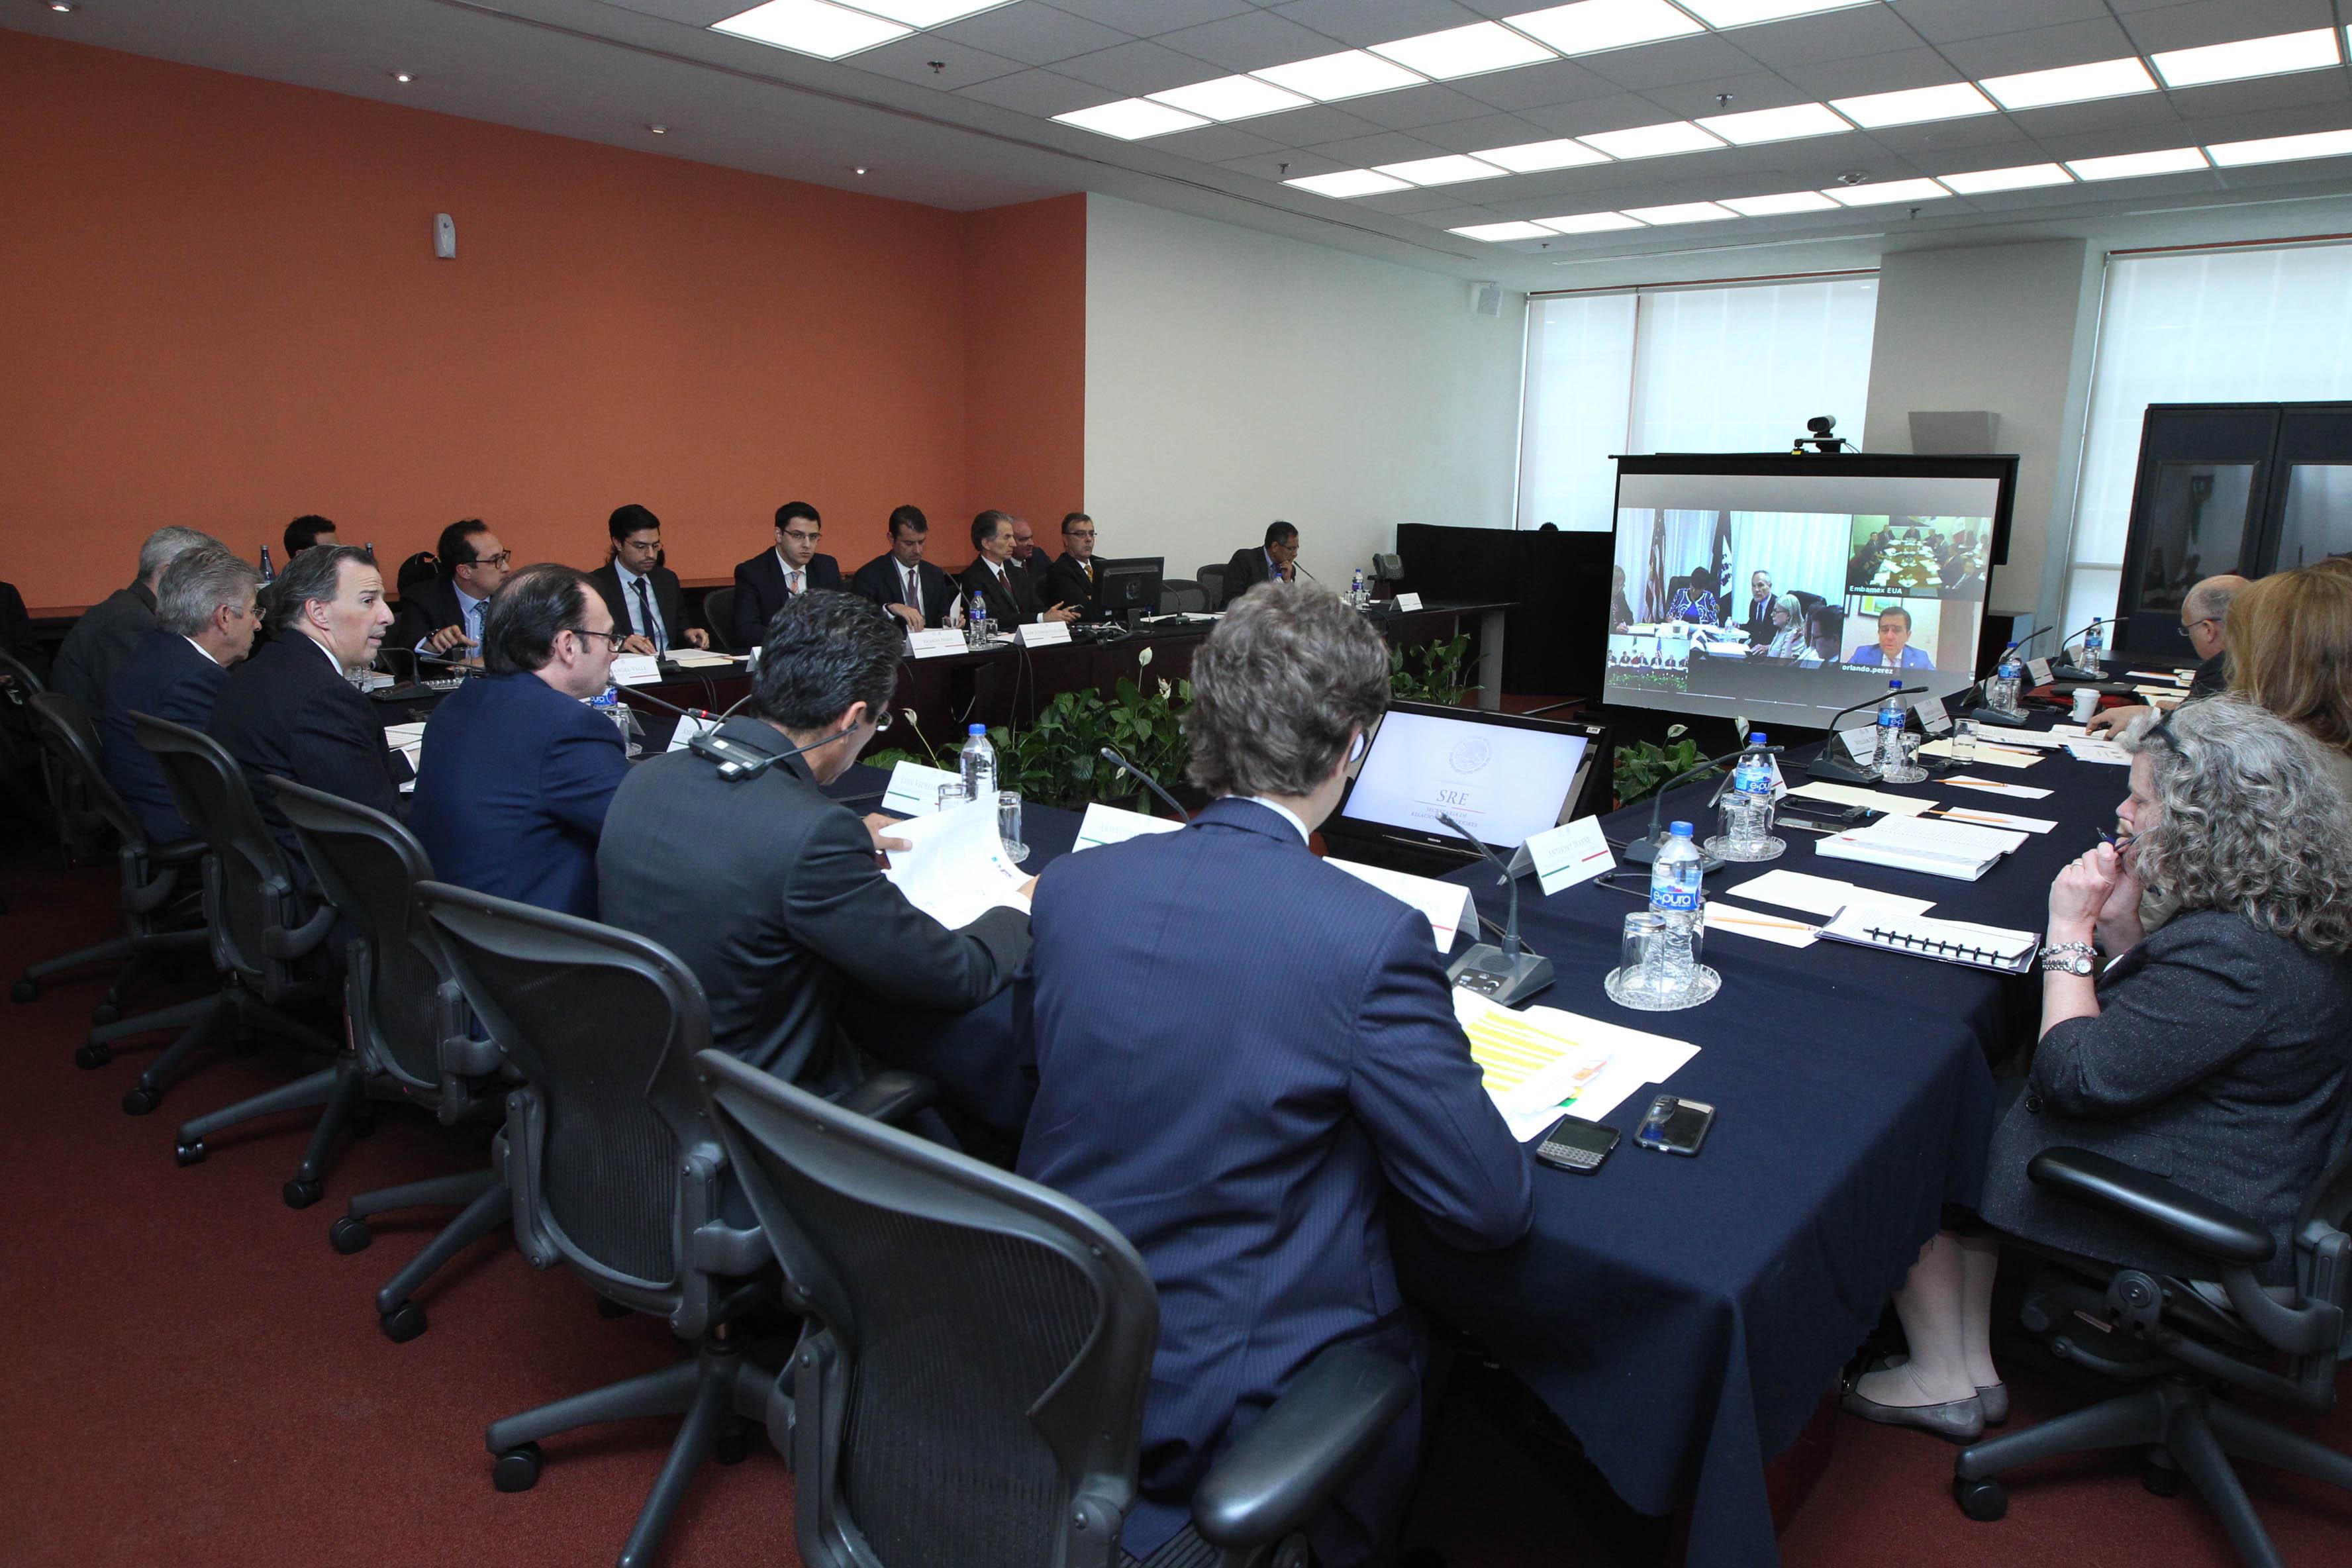 FOTO 2 Segunda videoconferencia de seguimiento al Di logo Econ mico de Alto Nivel  DEAN  entre M xico y Estados Unidosjpg